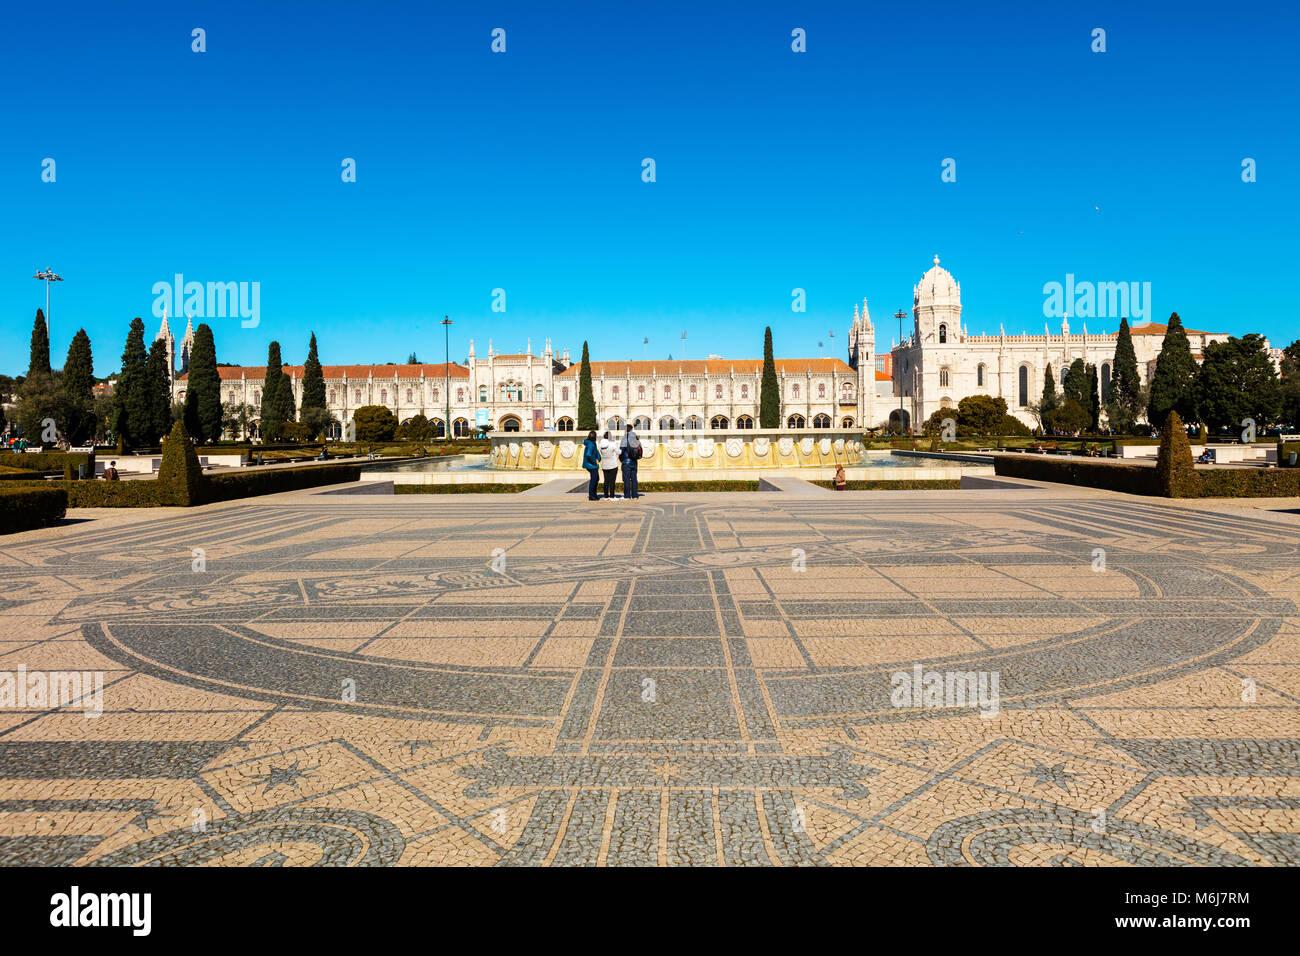 Komplizierte Mosaik Boden der Entdeckungen Denkmal in Belém von Lissabon. Stockbild